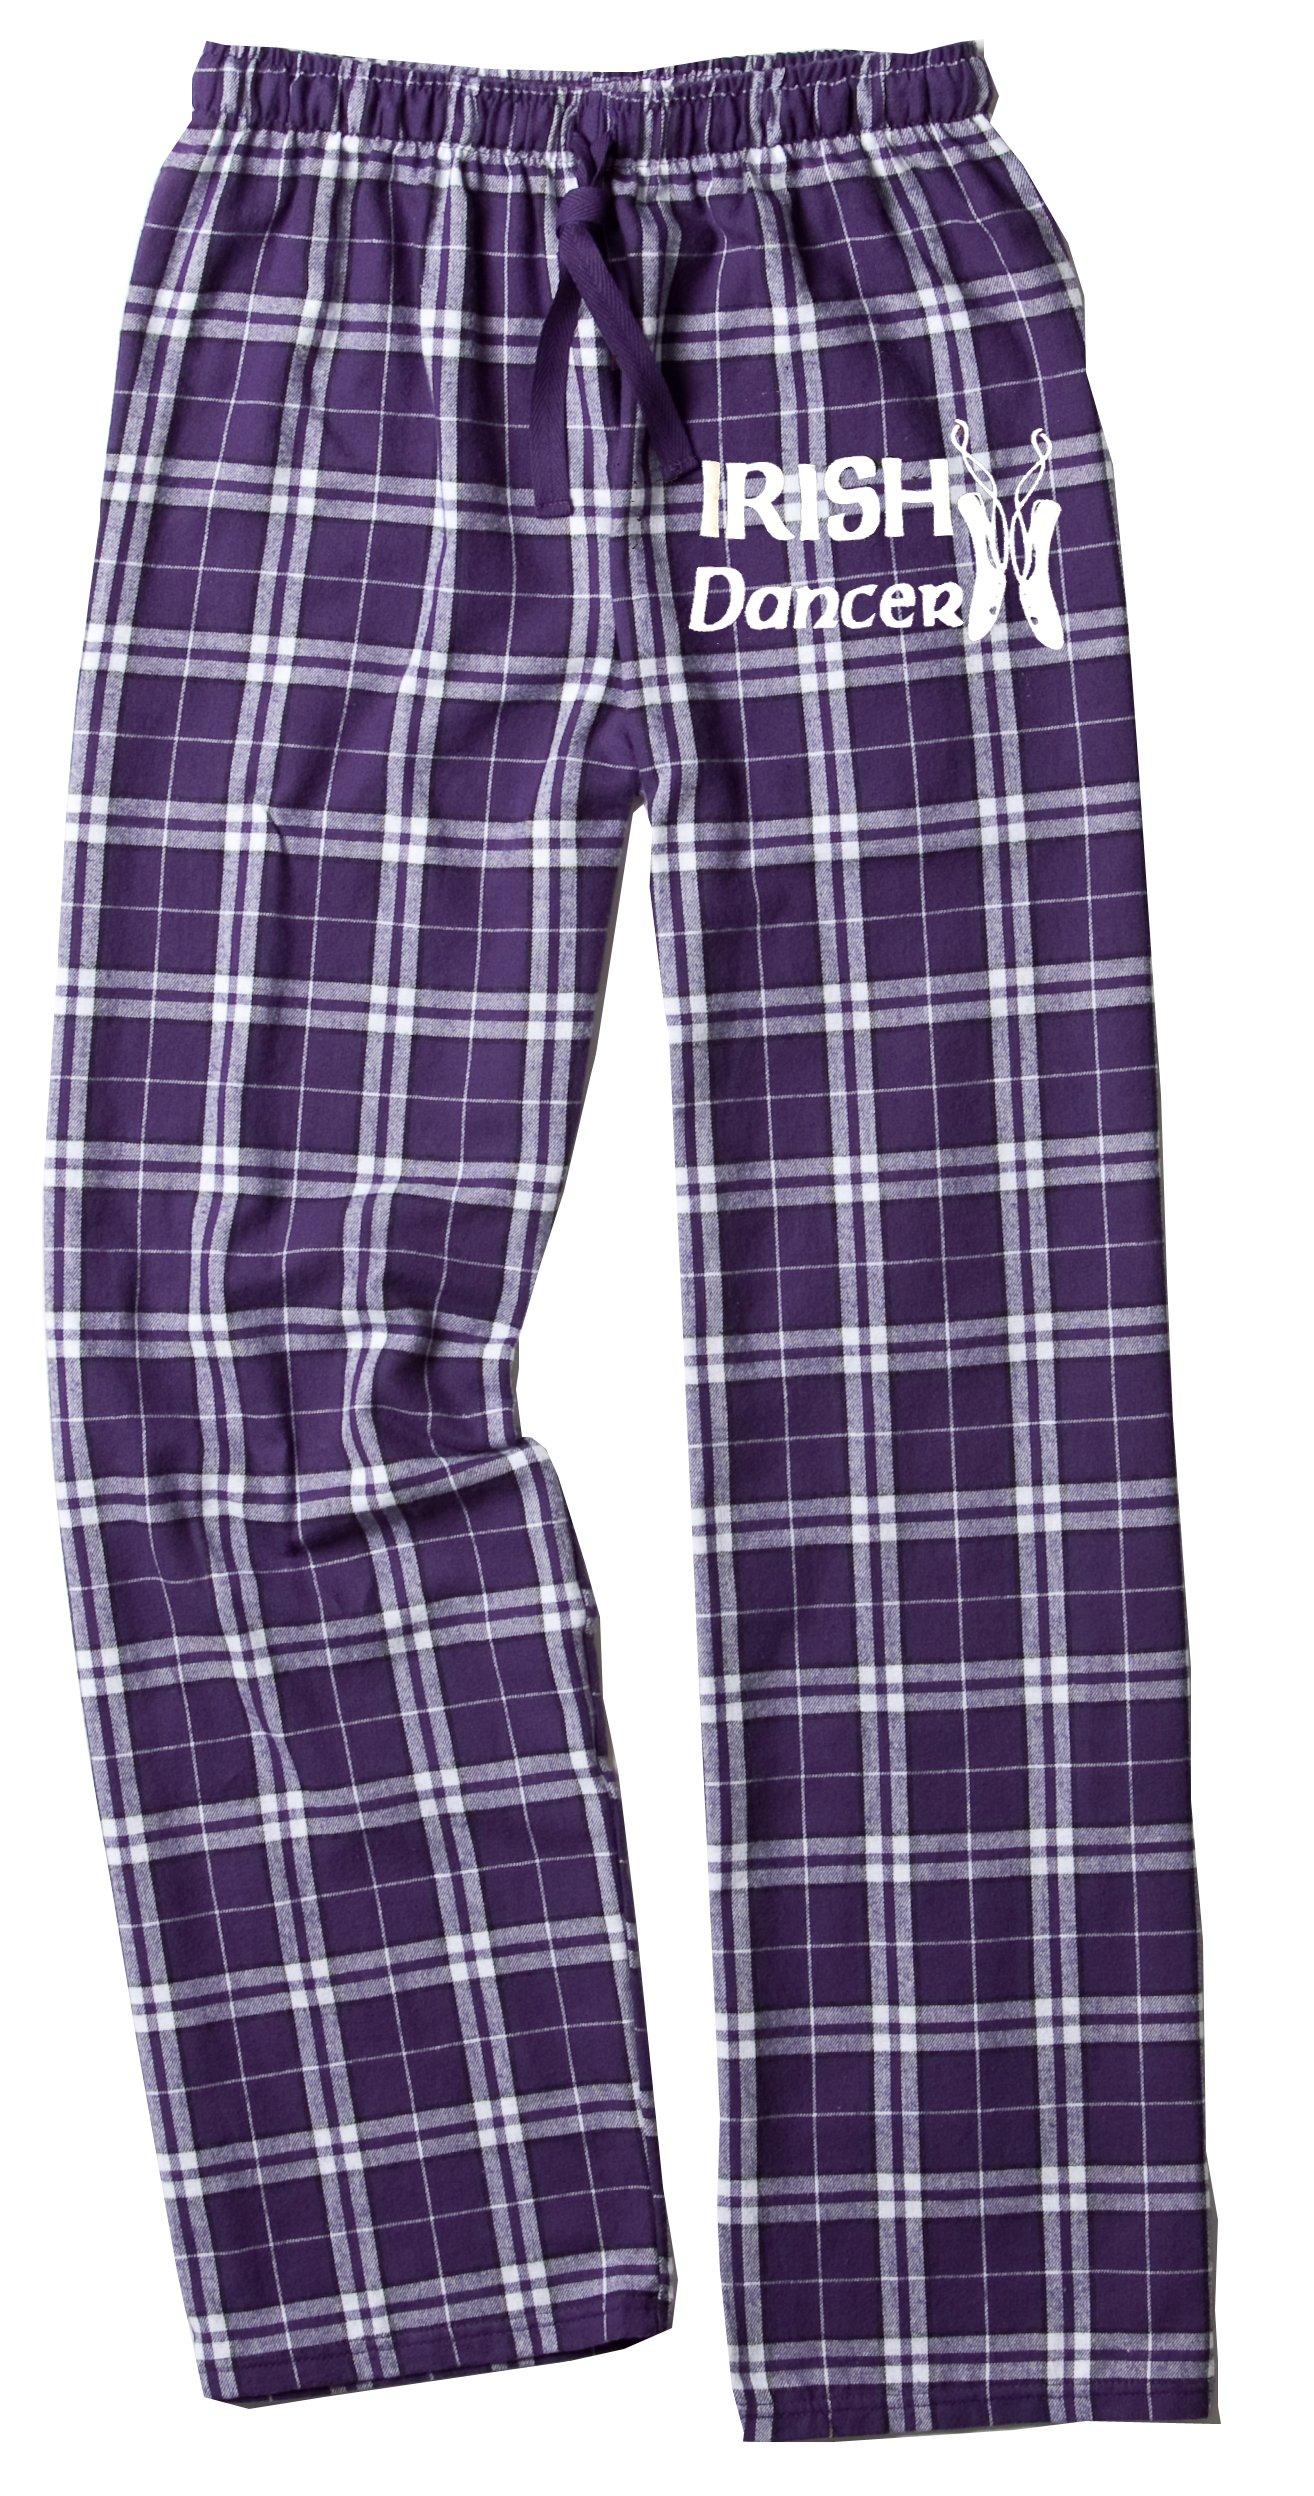 Fishers Sportswear Fisher Sportswear Irish Dance Classic Shoes Print Flannel Pants (Youth Medium, Purple Sparkle) by Fishers Sportswear